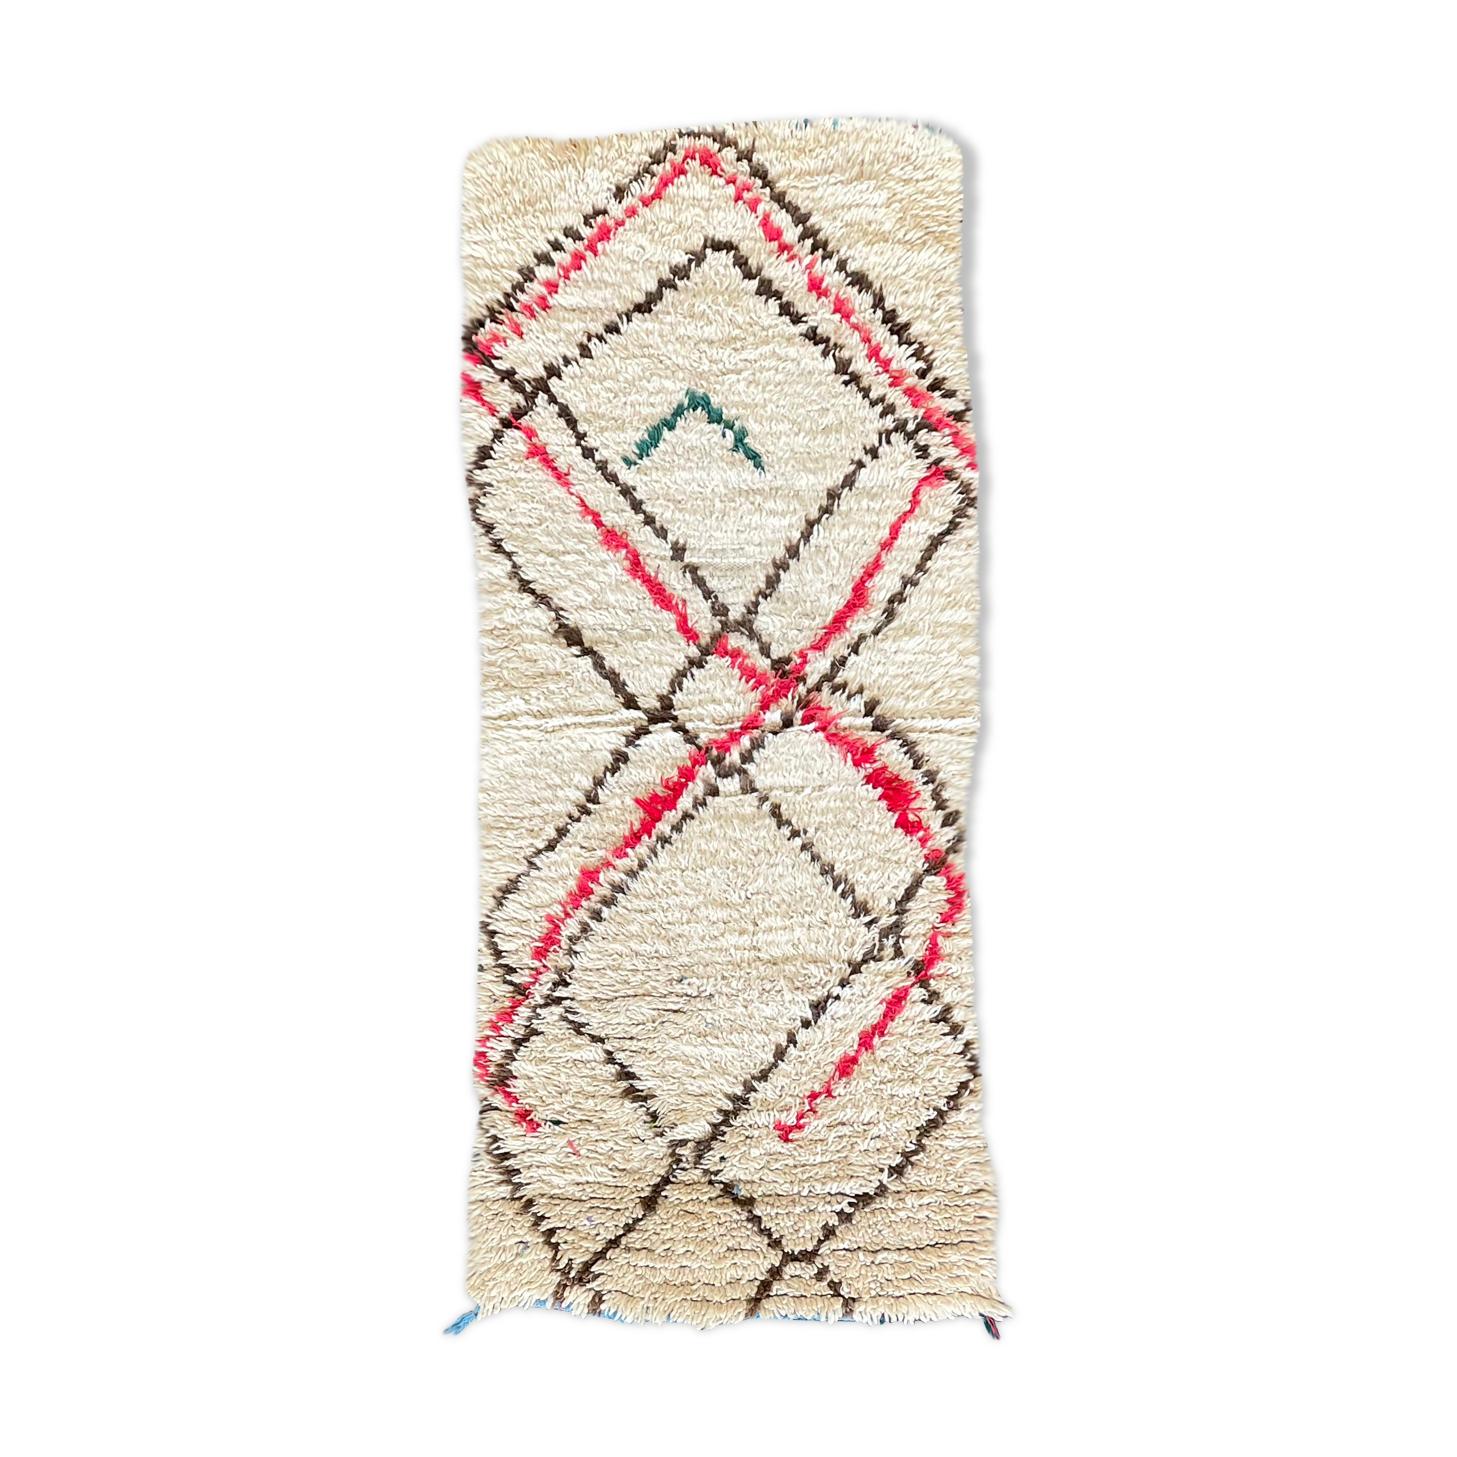 Tapis berbere Beni Ouarain vintage 75x175 cm